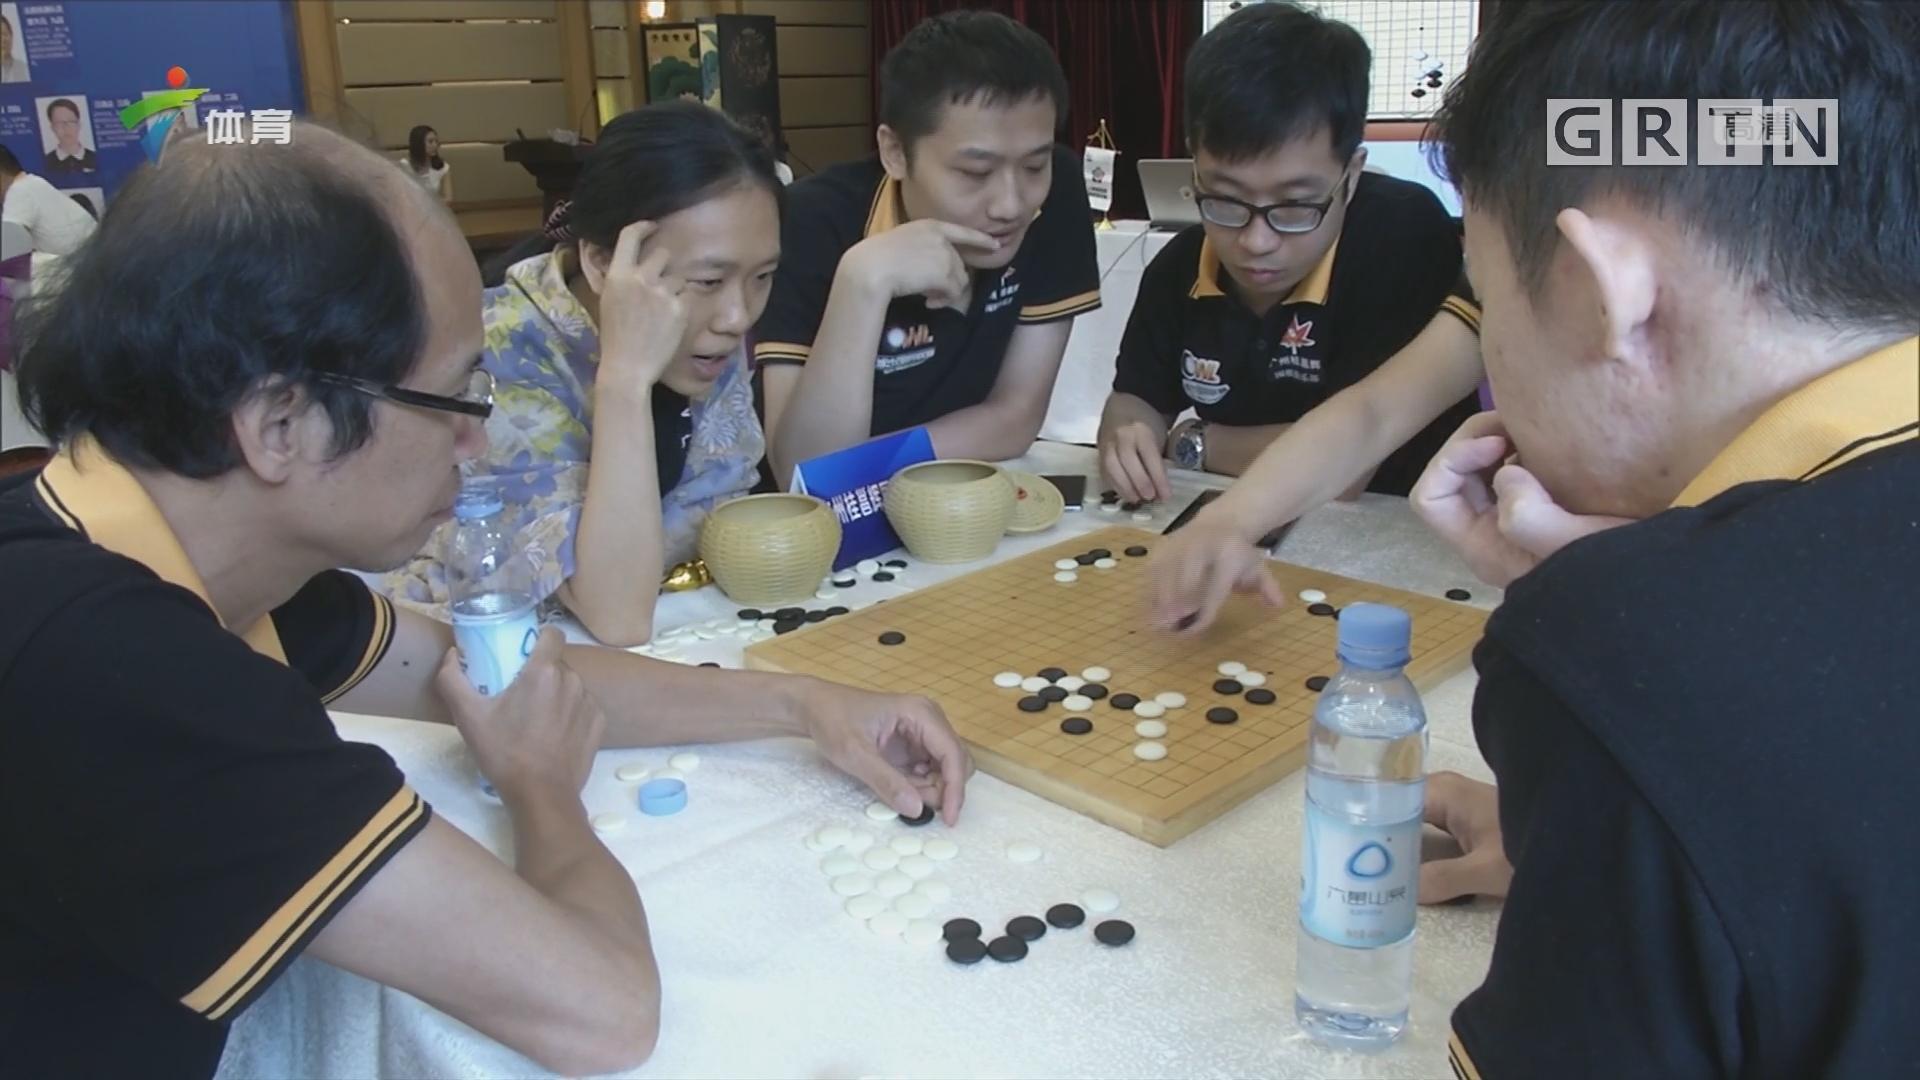 城市围棋联赛 竞技娱乐两不误